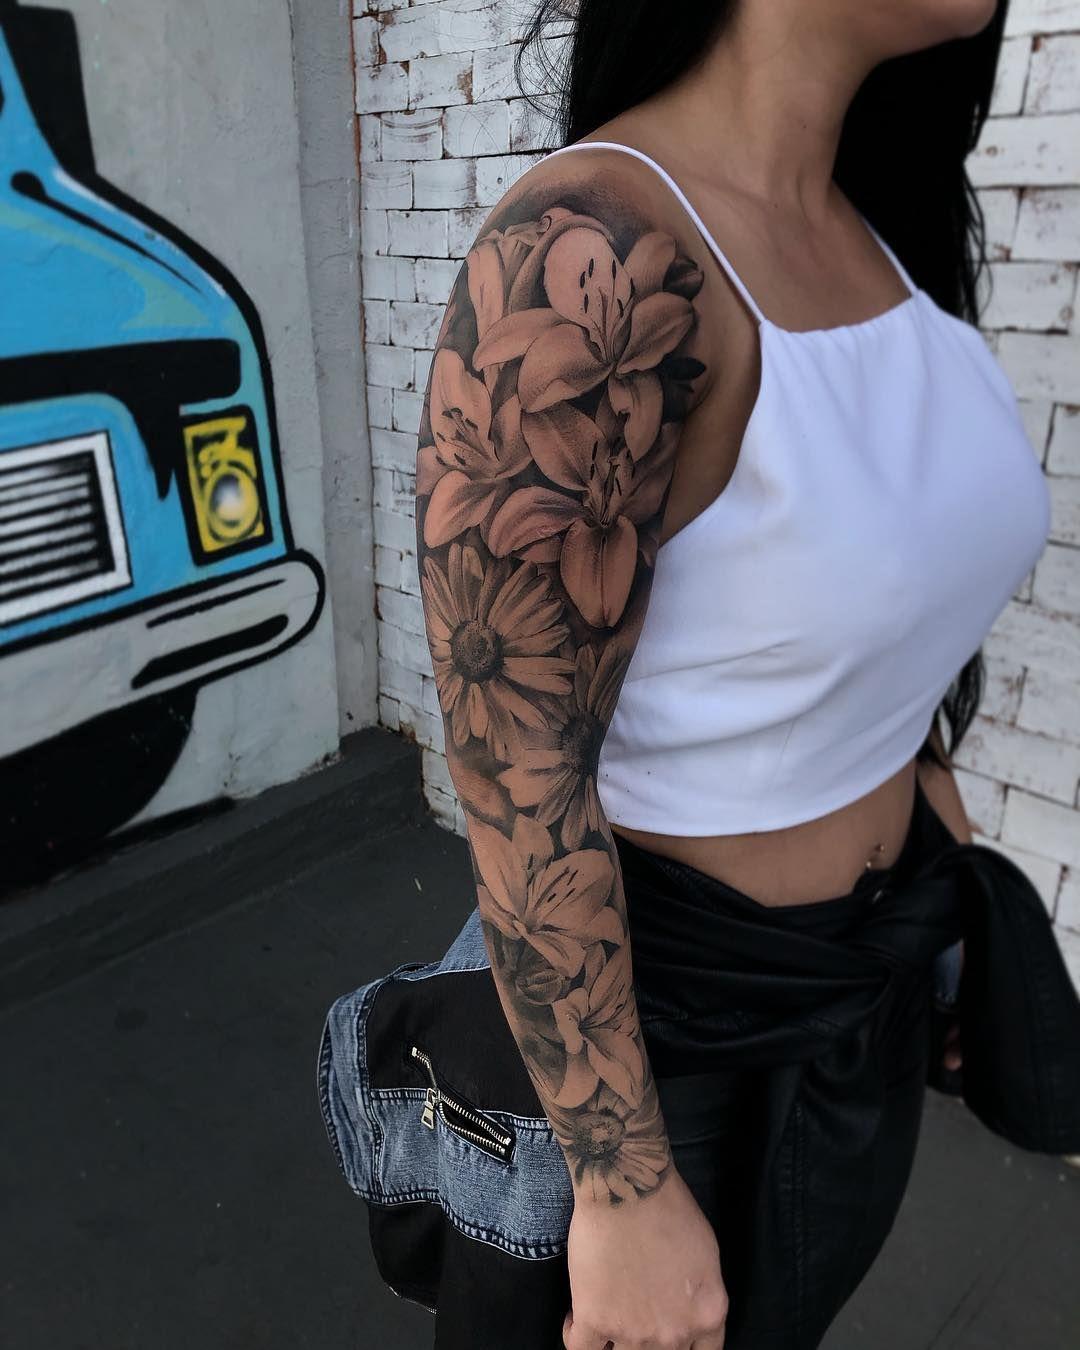 Fullarm tattoo tatuagem feminina fechamento feminino   Tatuagem braço  inteiro feminino, Tatuagem, Tatuagem braço